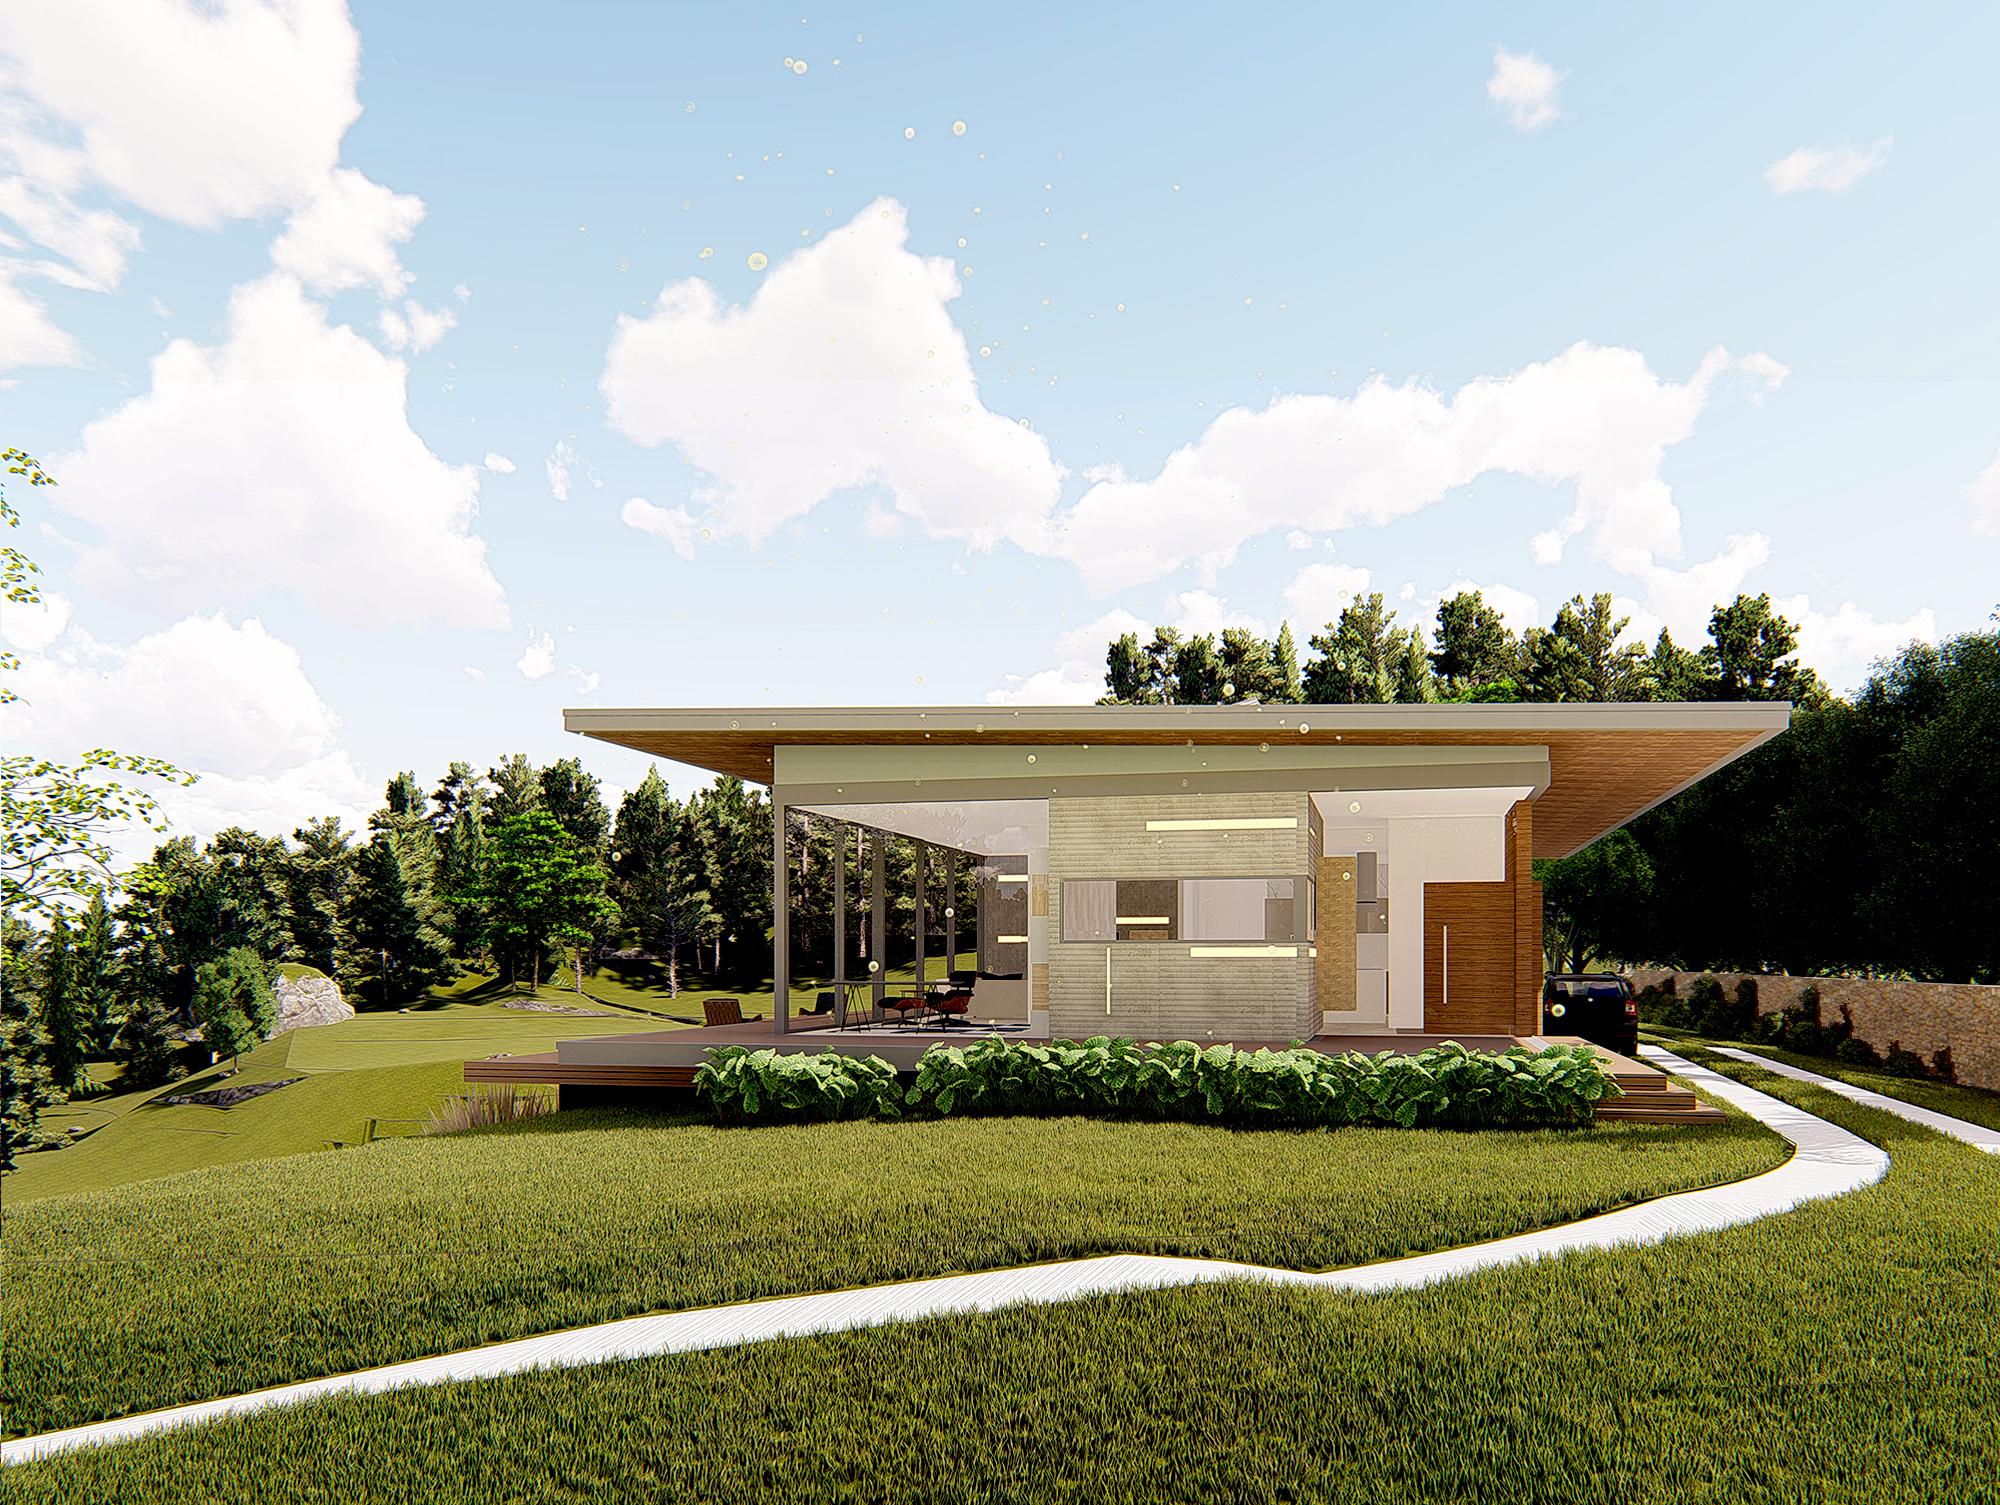 arquiteto são pedro da serra